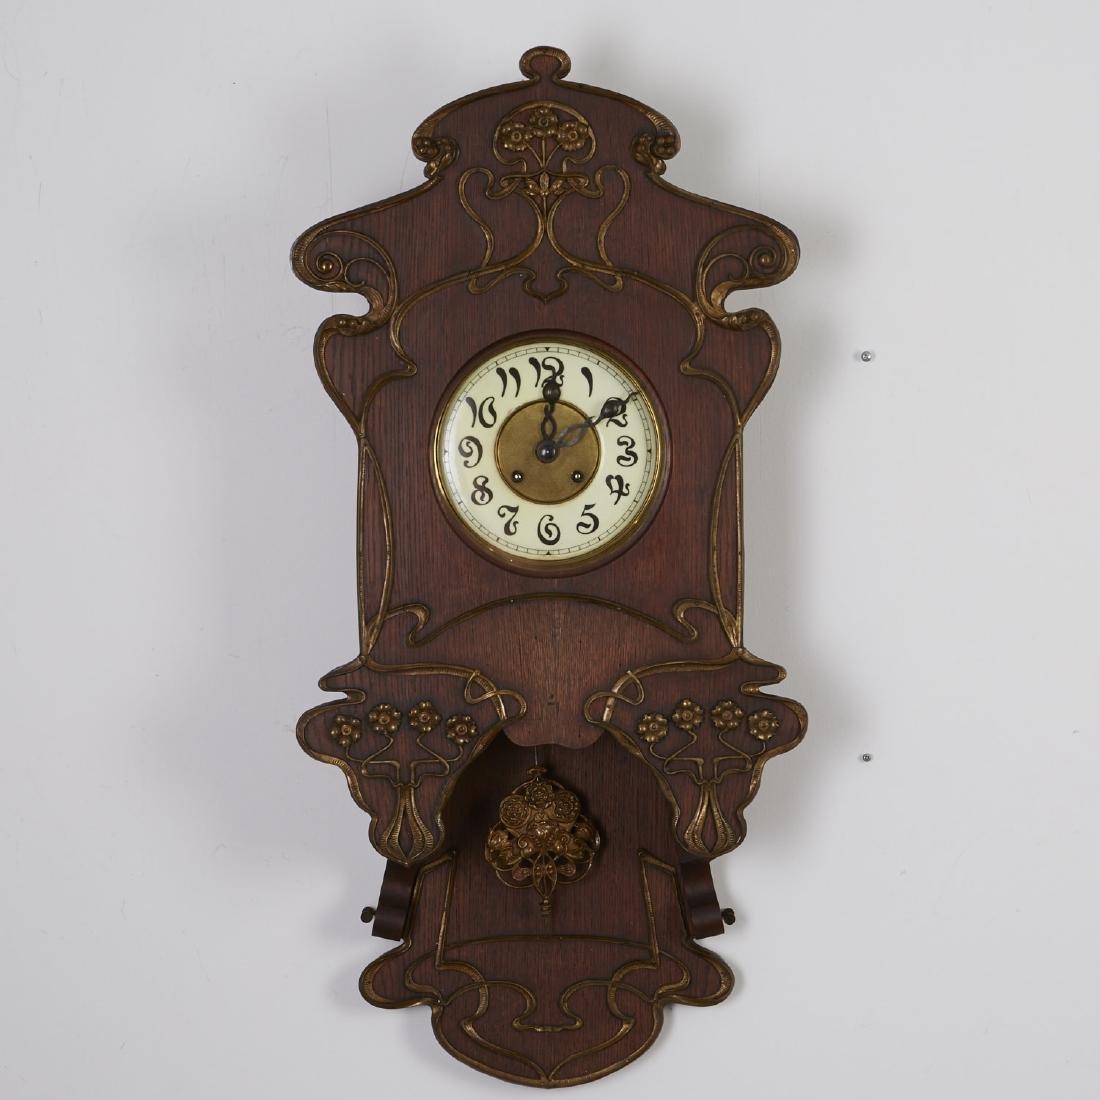 Lenzkirch German Art Nouveau Wall Clock